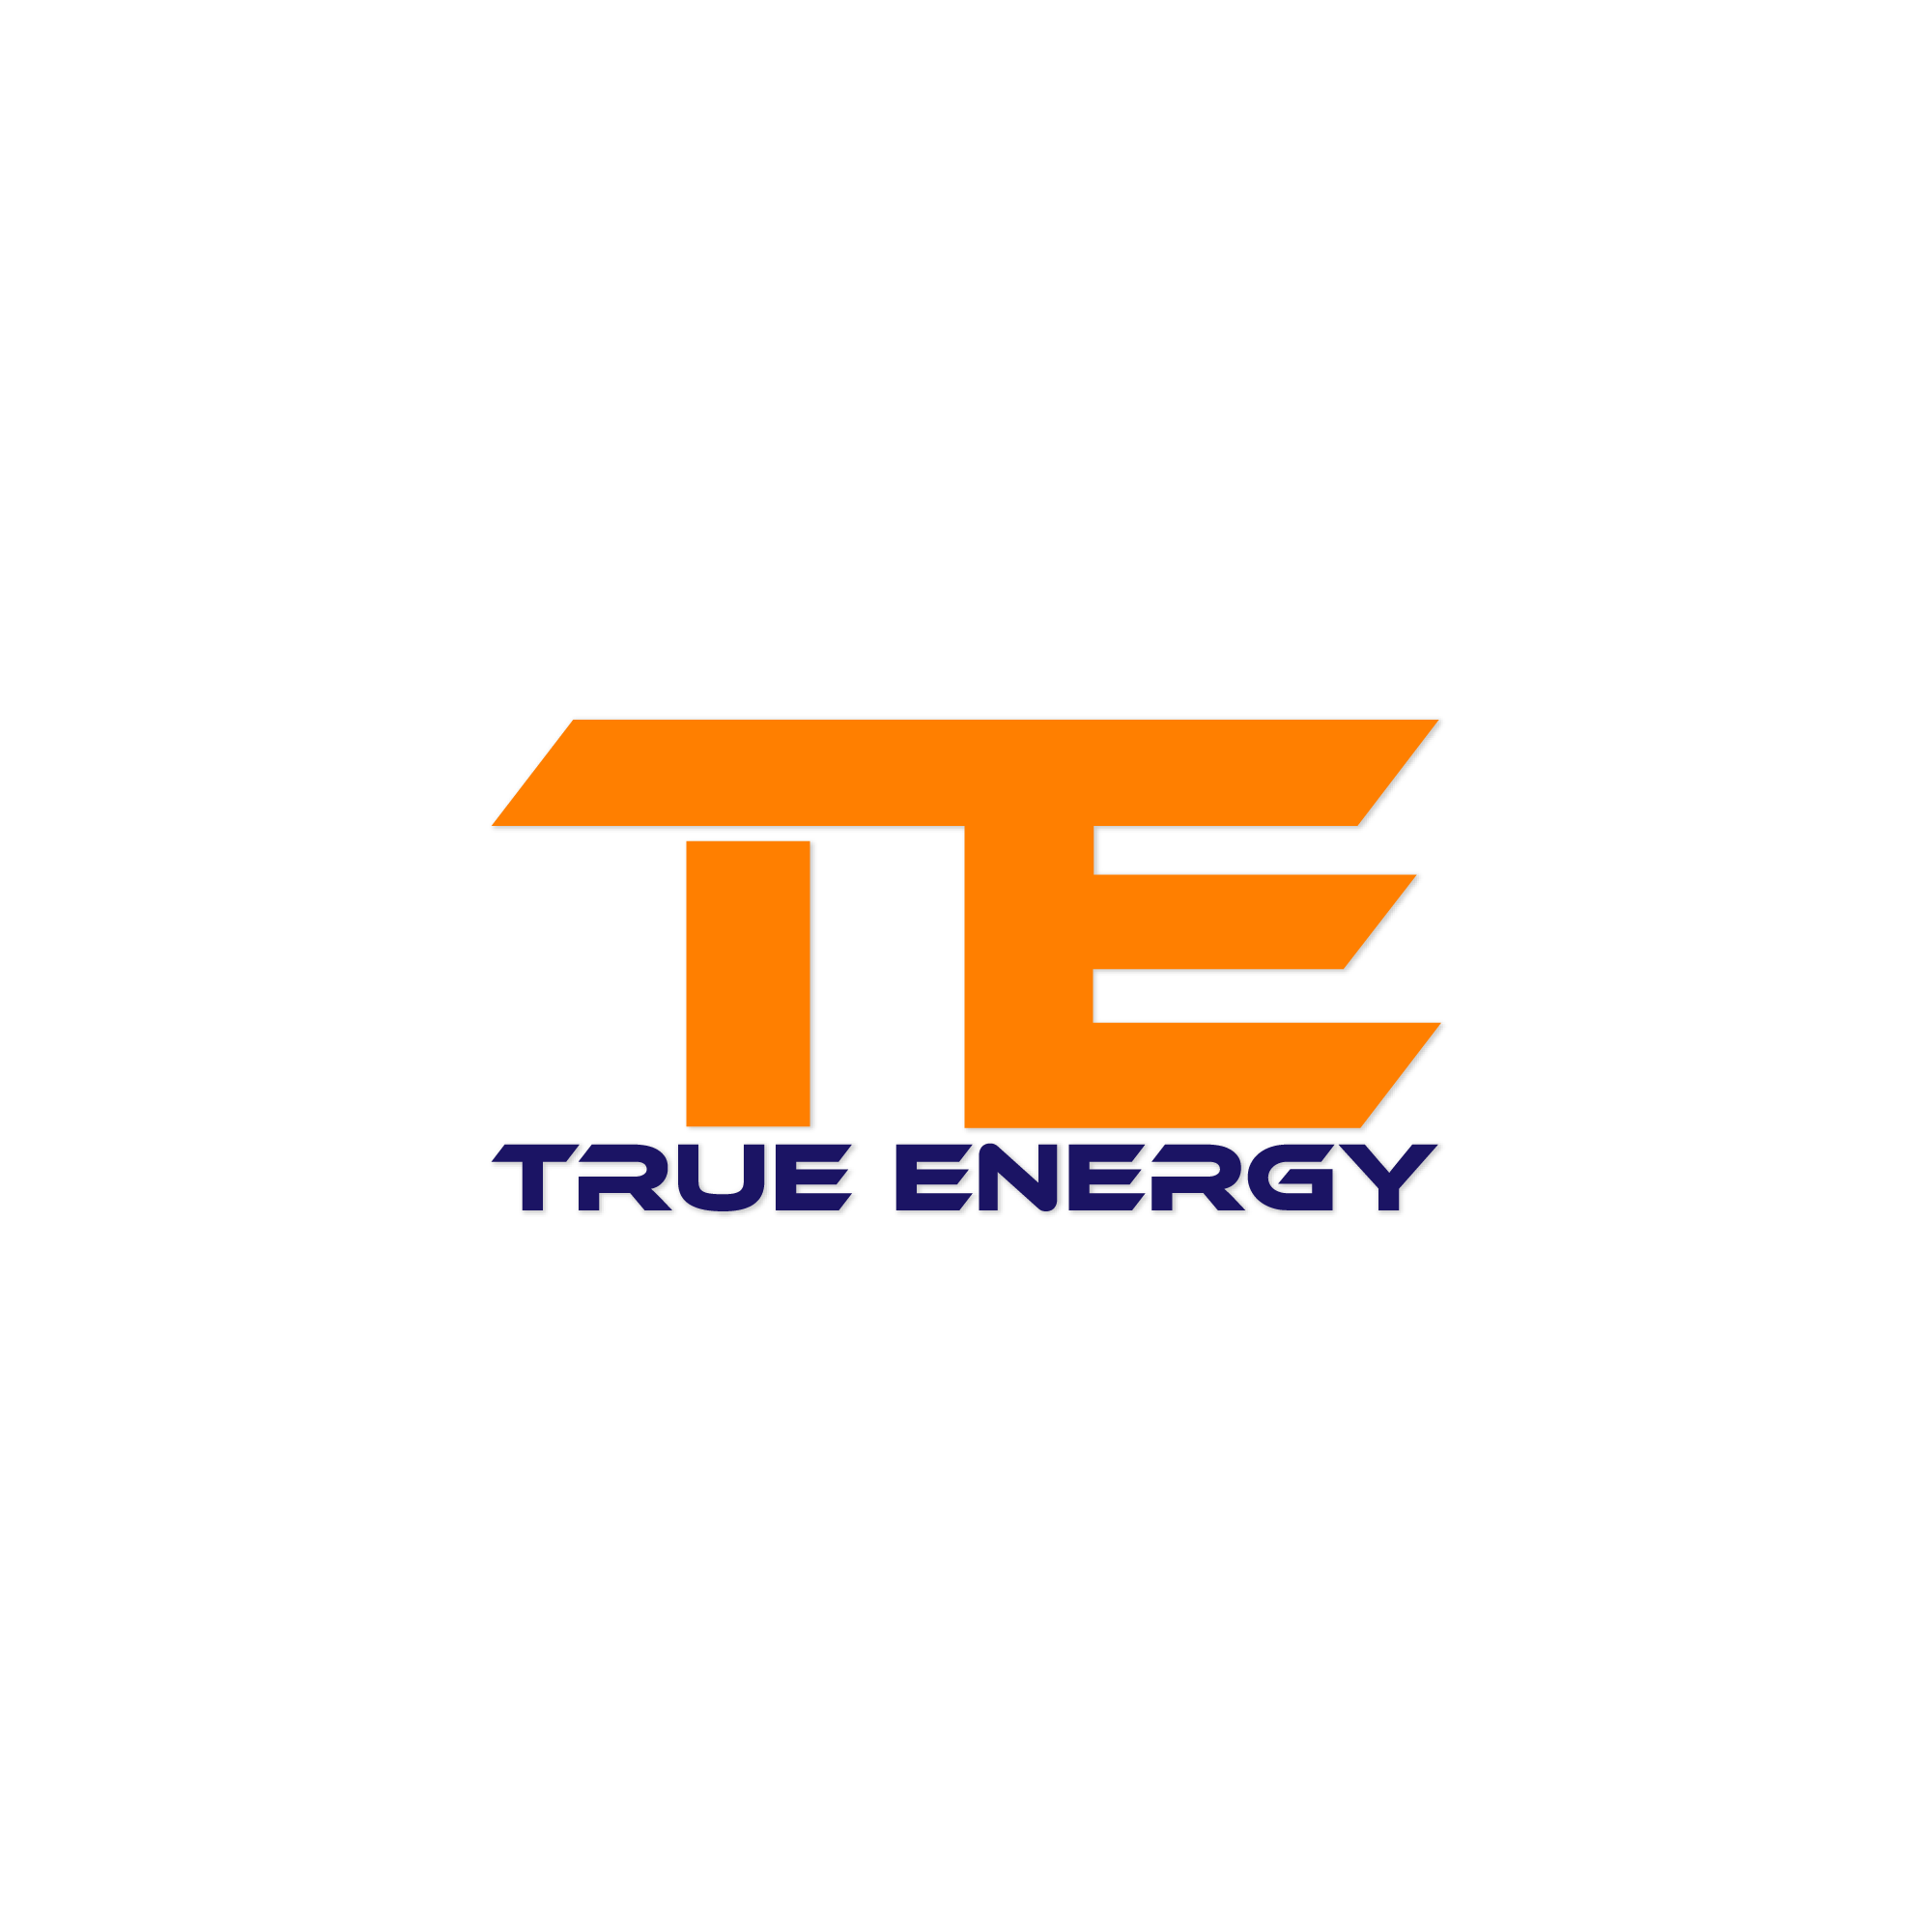 True Energy Co